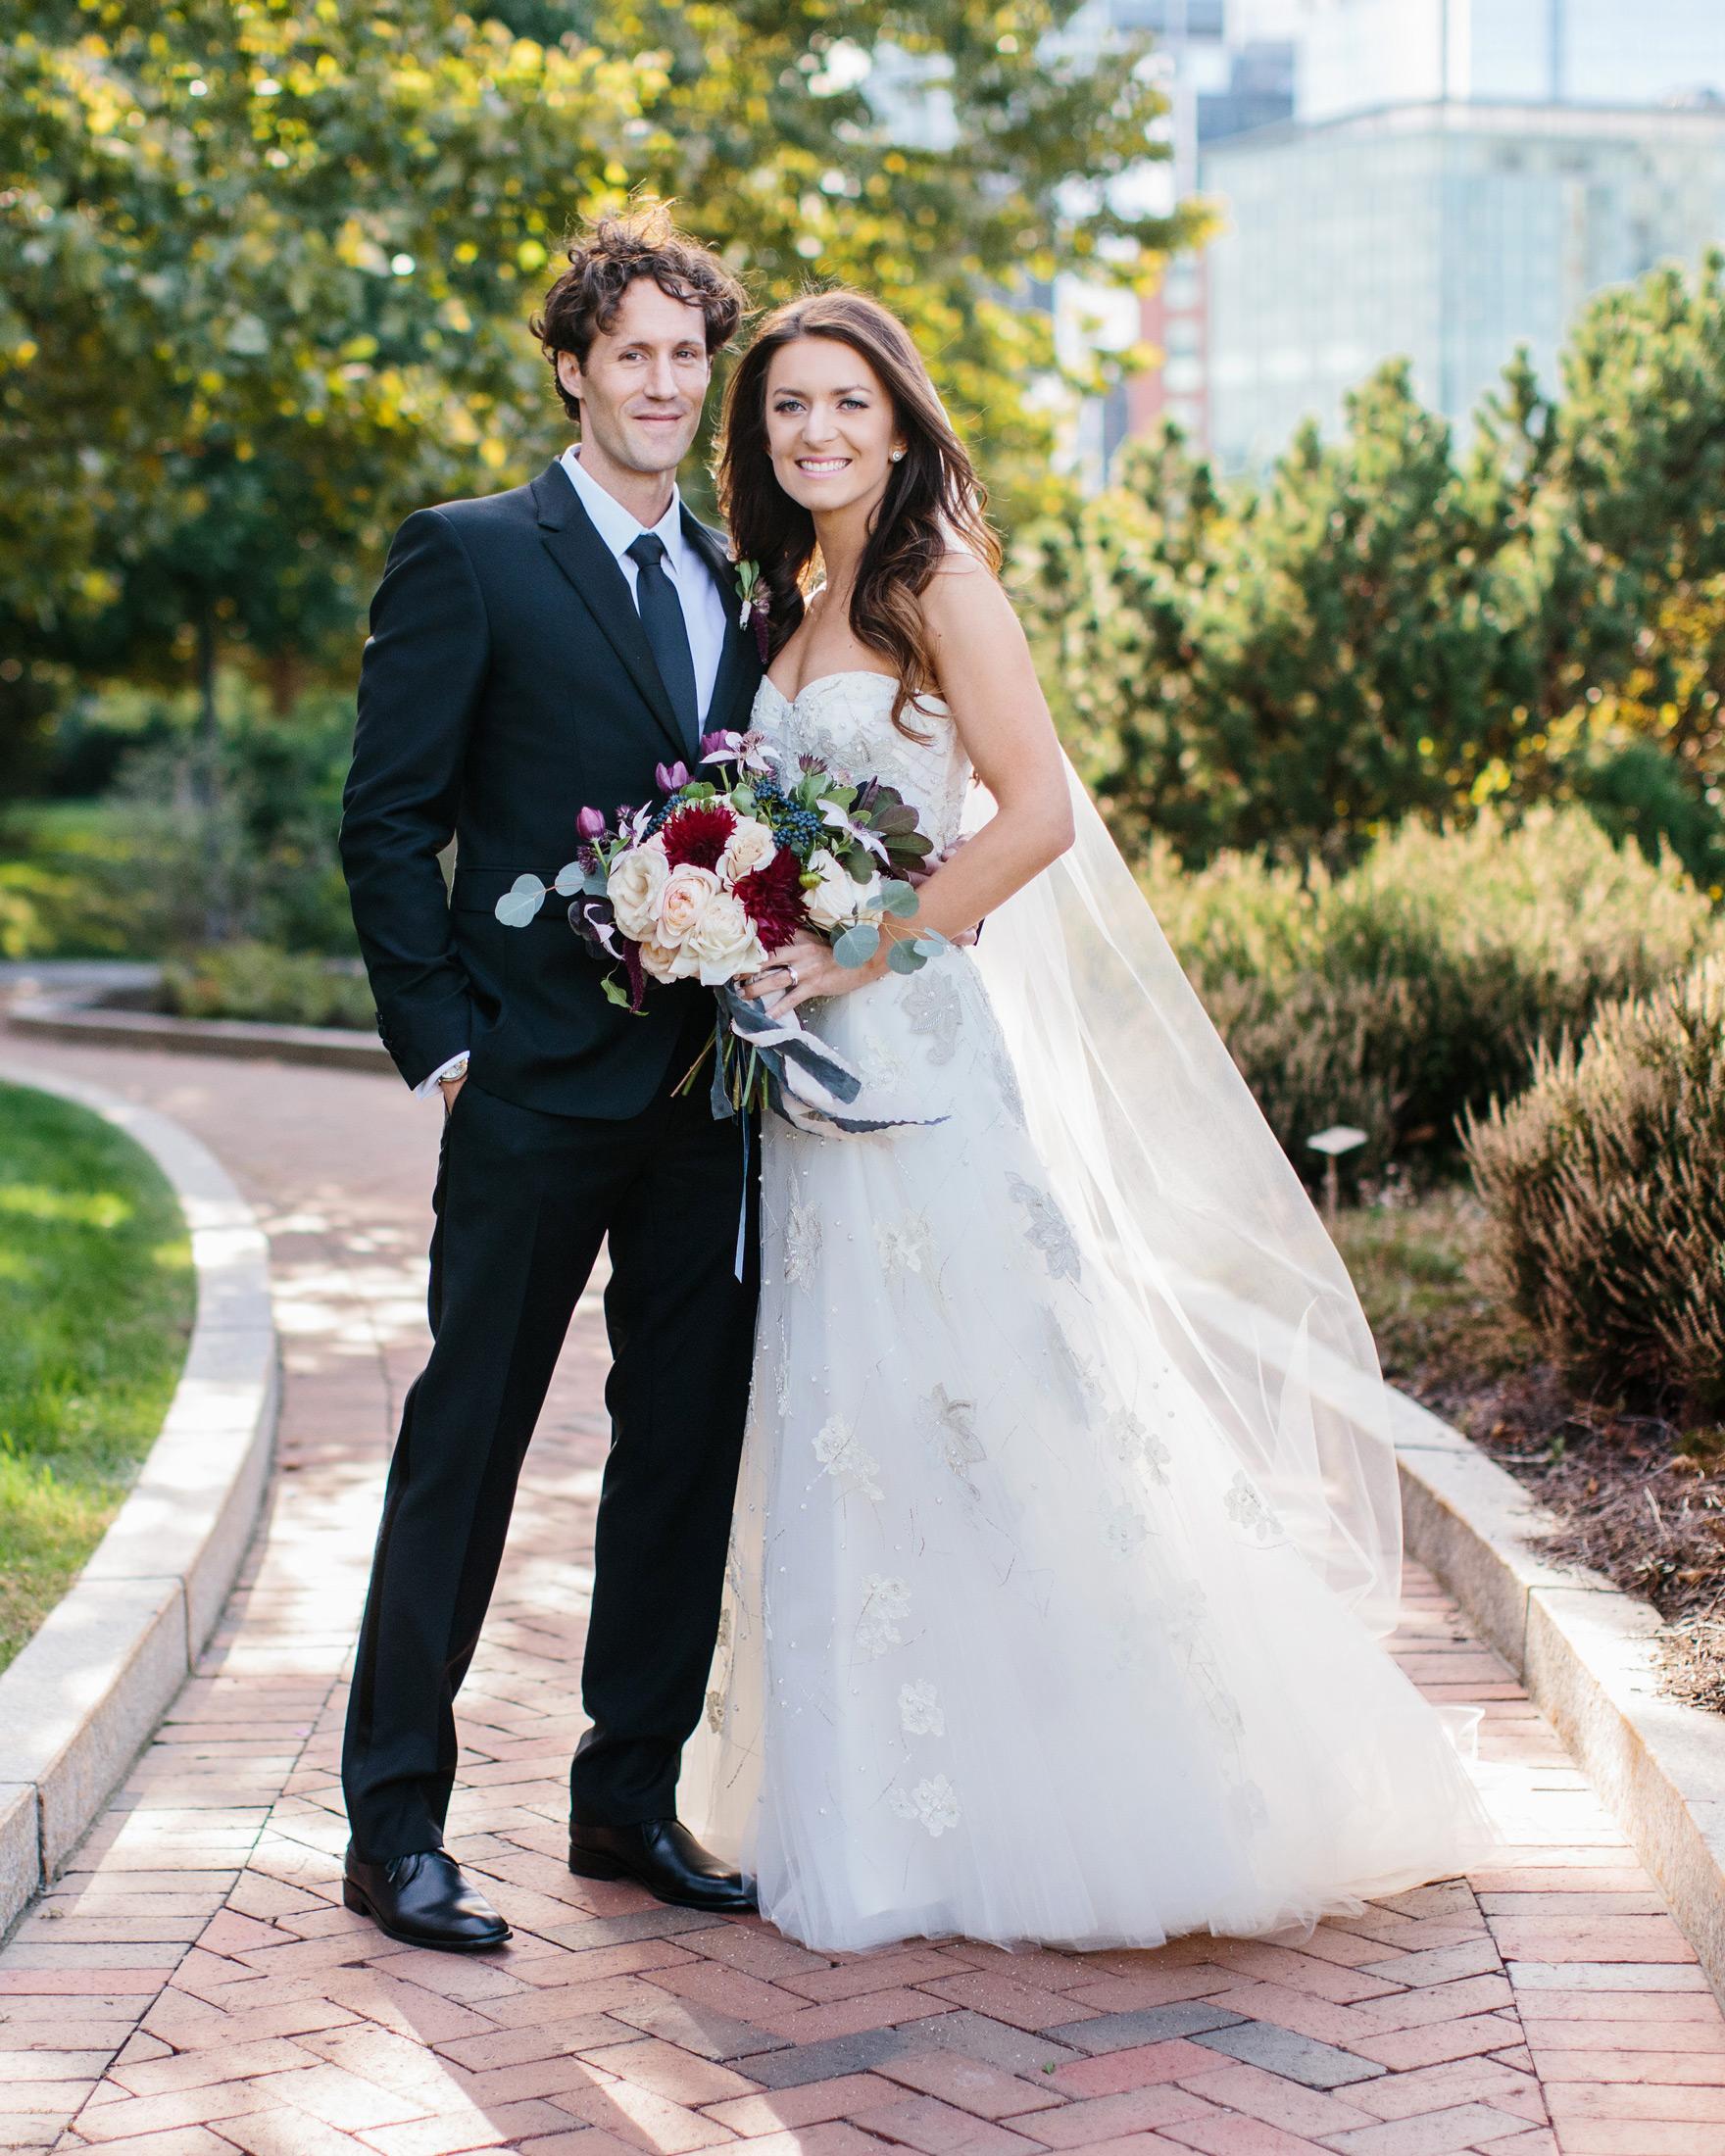 danielle-brian-wedding-first-look-0235-s113001-0616.jpg